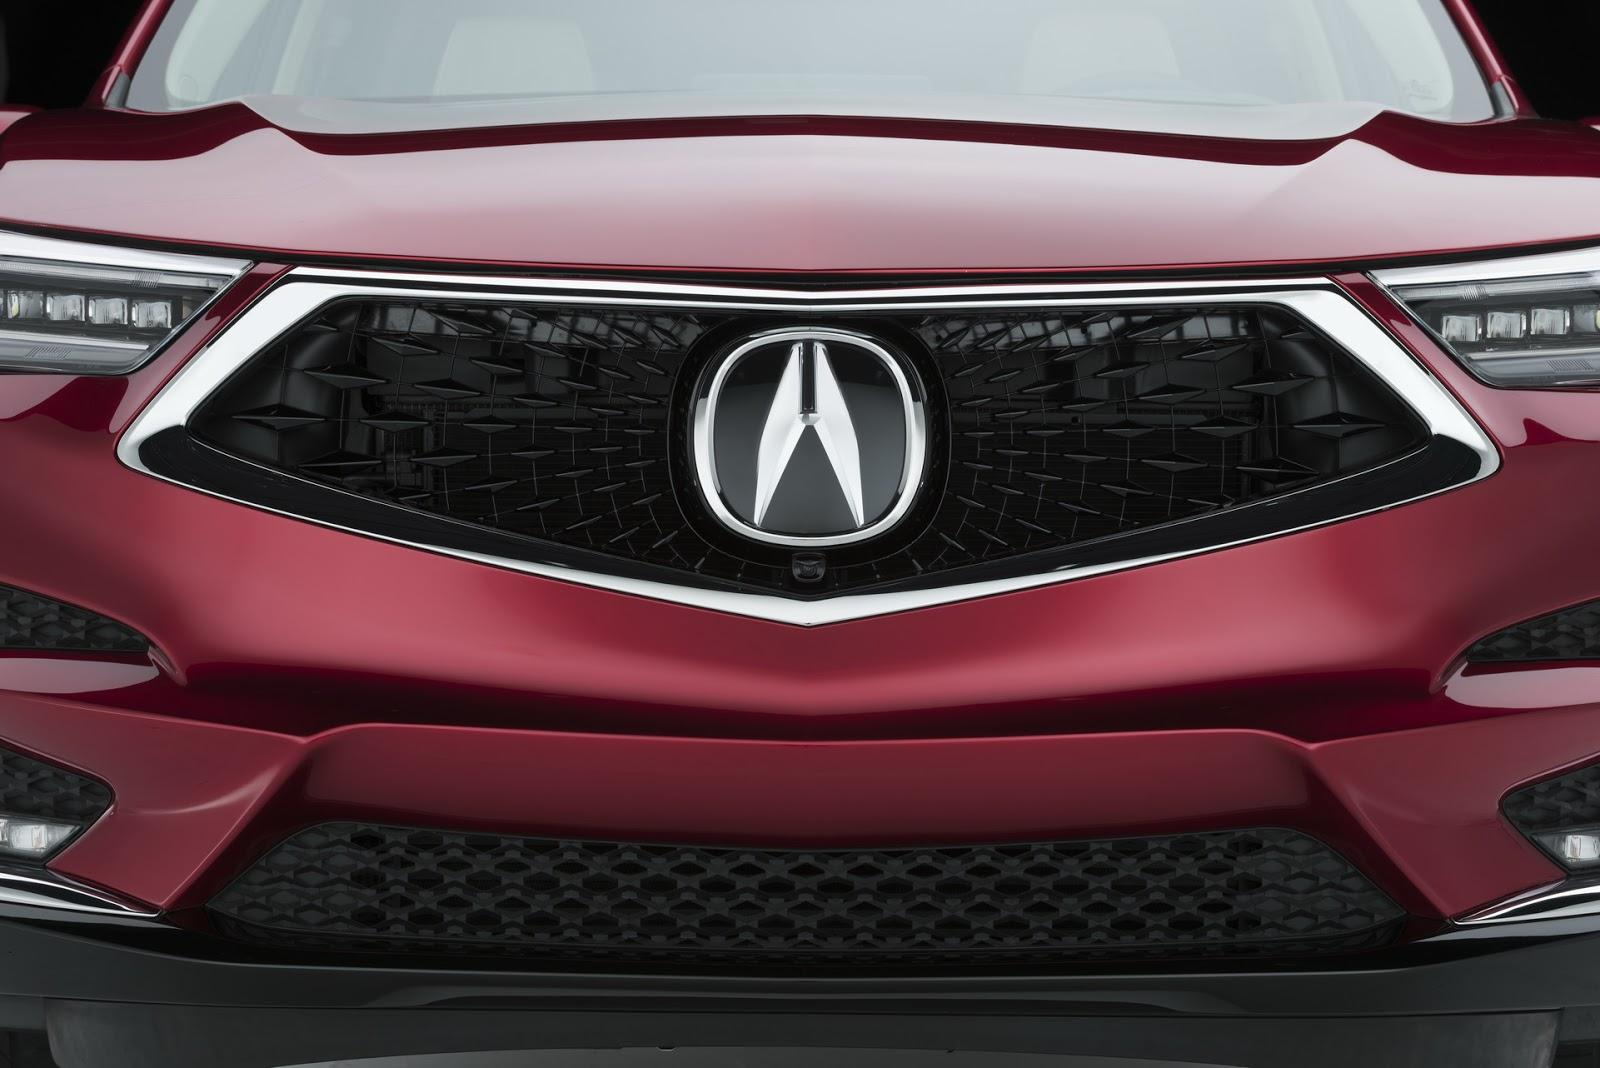 2019-Acura-RDX-7